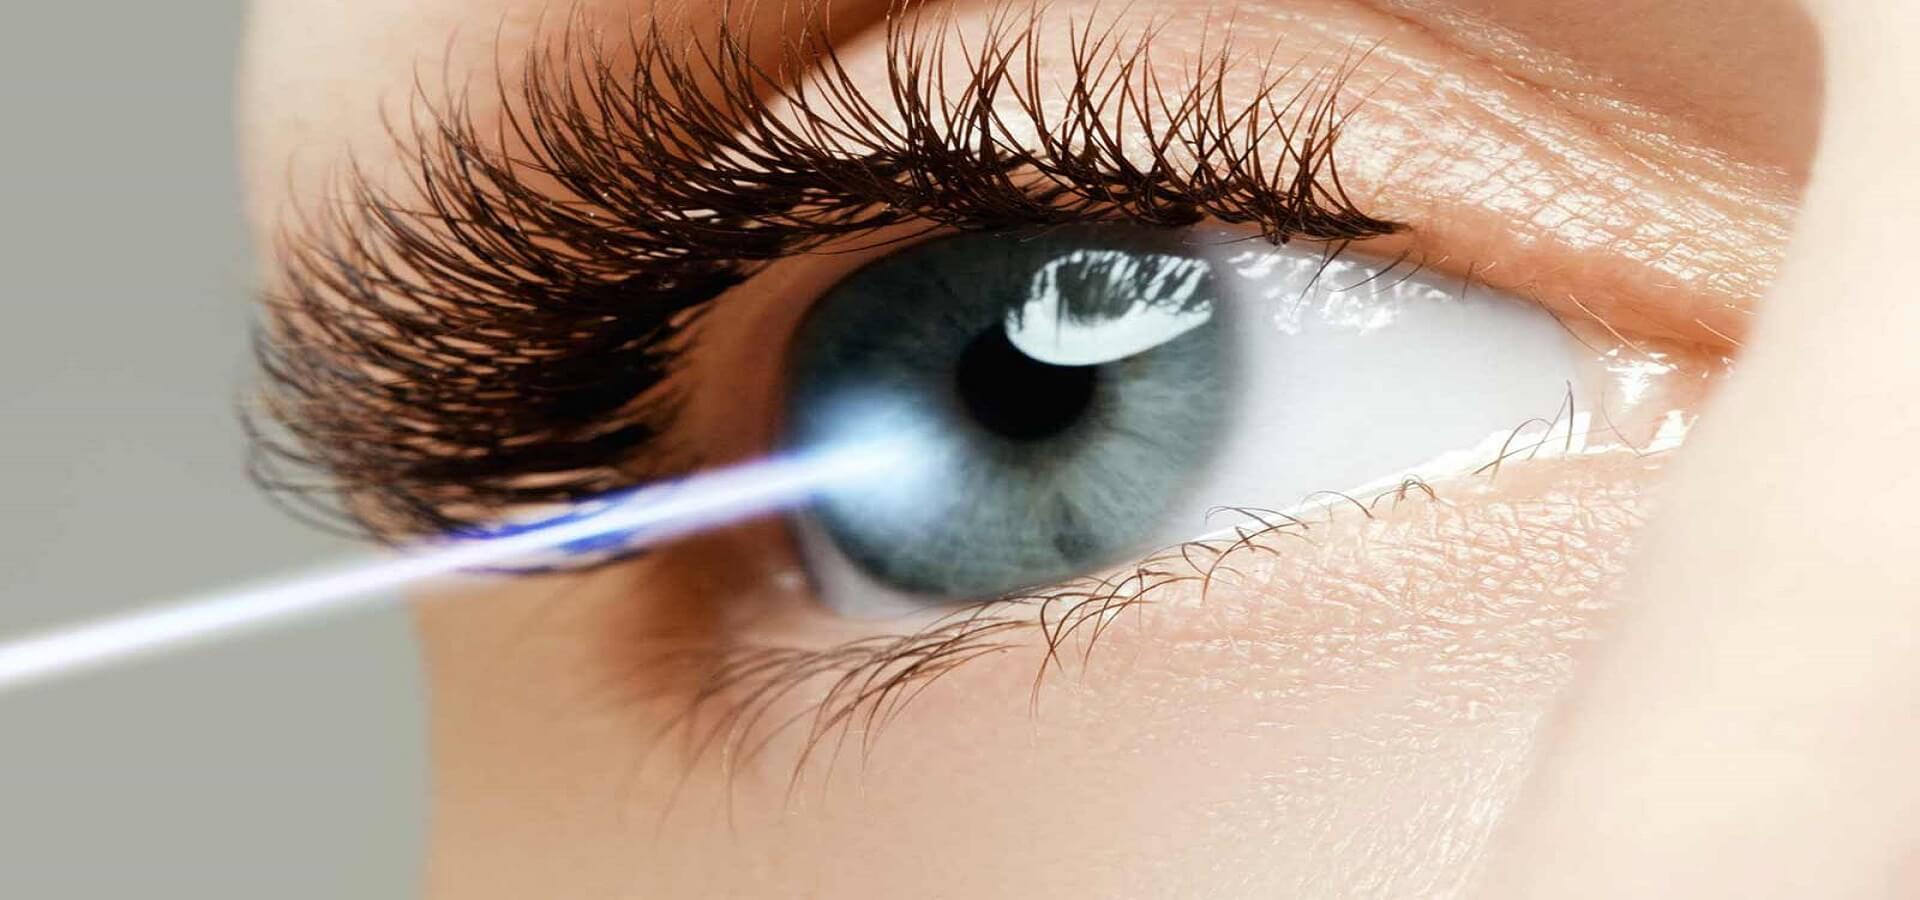 کوری دیابتی و جلوگیری از آن با لنزهای تماسی درخشان